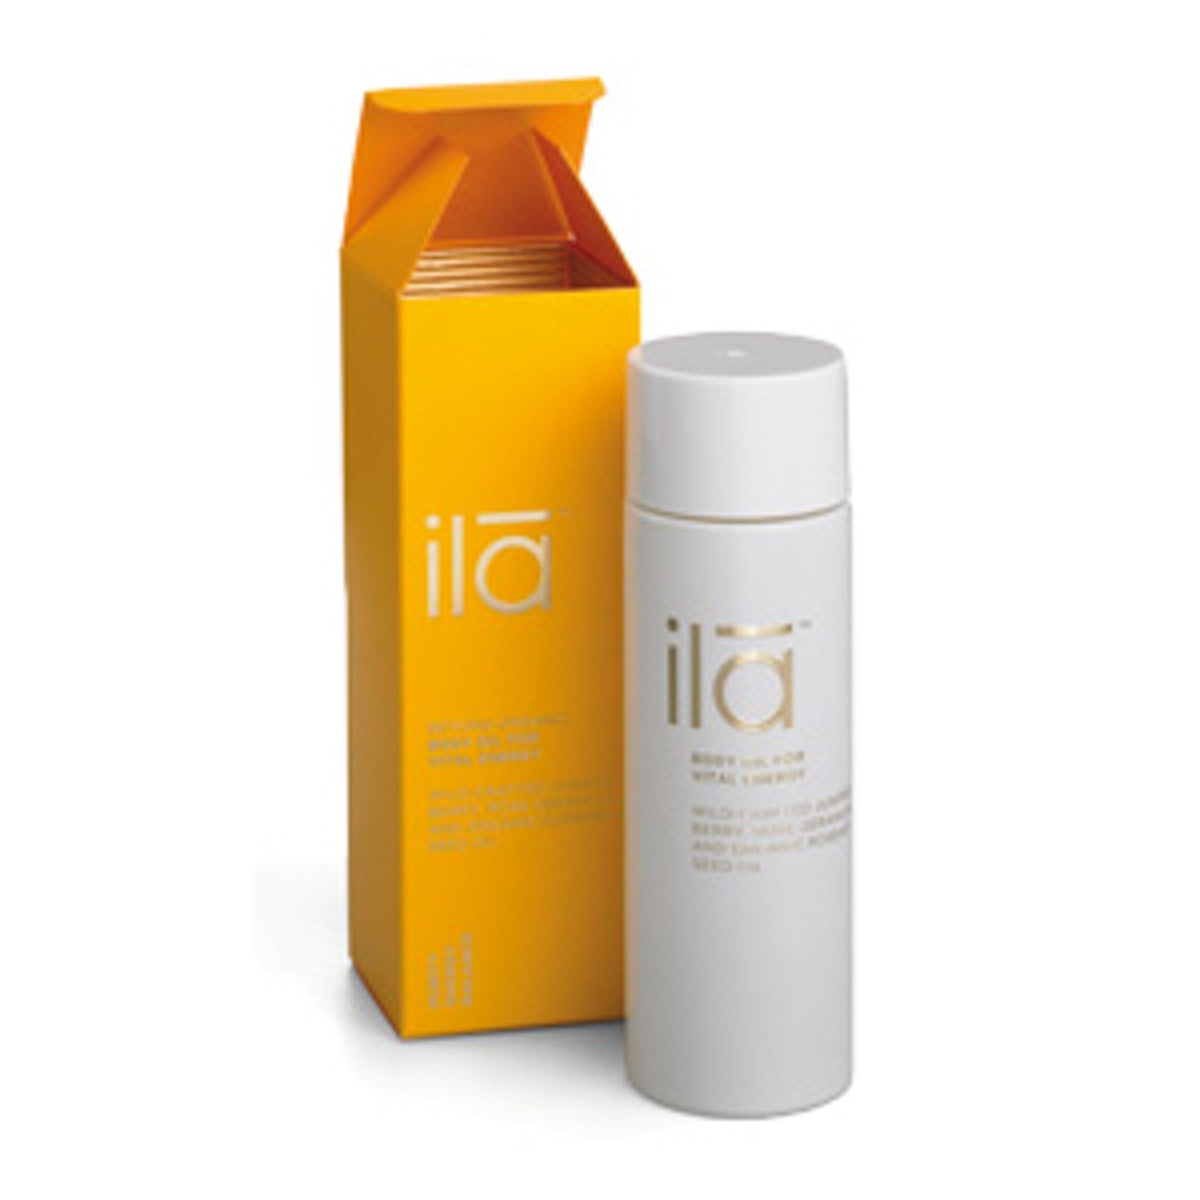 Body Oil for Vital Energy